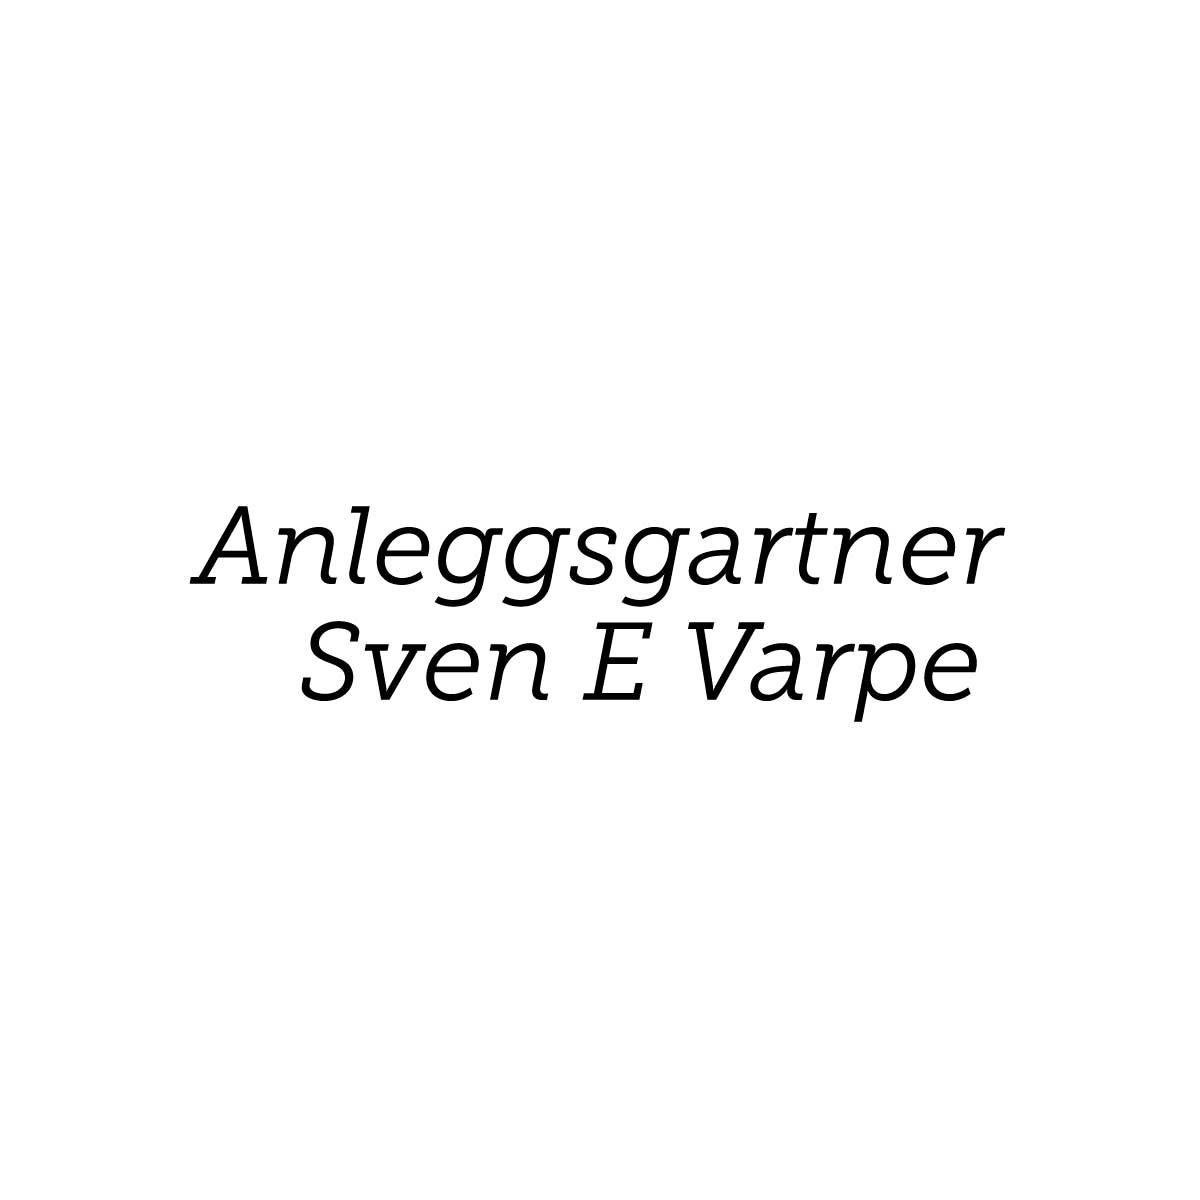 Anleggsgartner Sven E Varpe